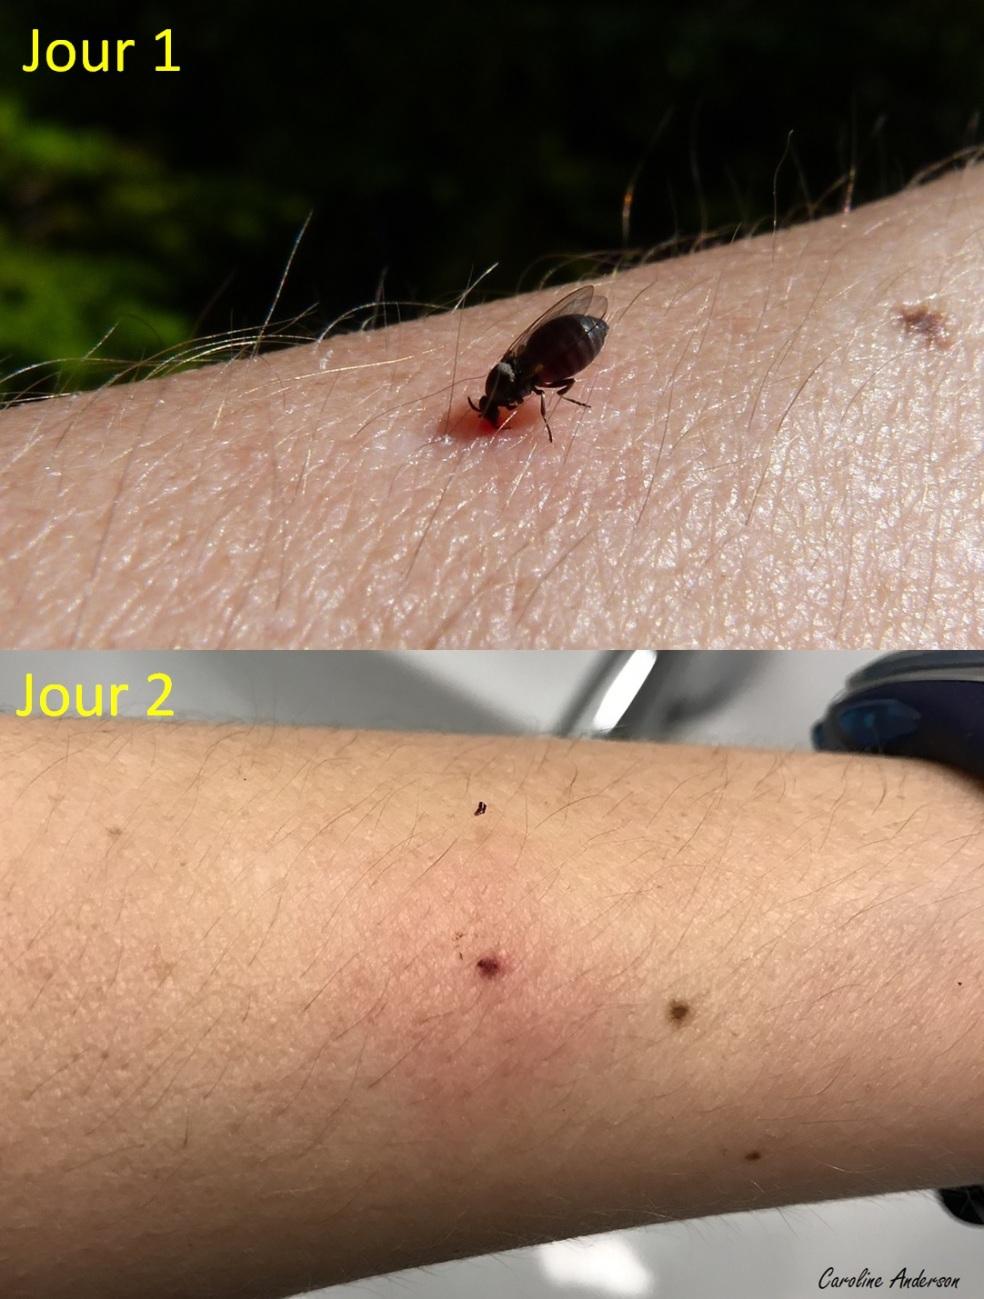 Piqure_Simuliidae_Jour1-2_Bras